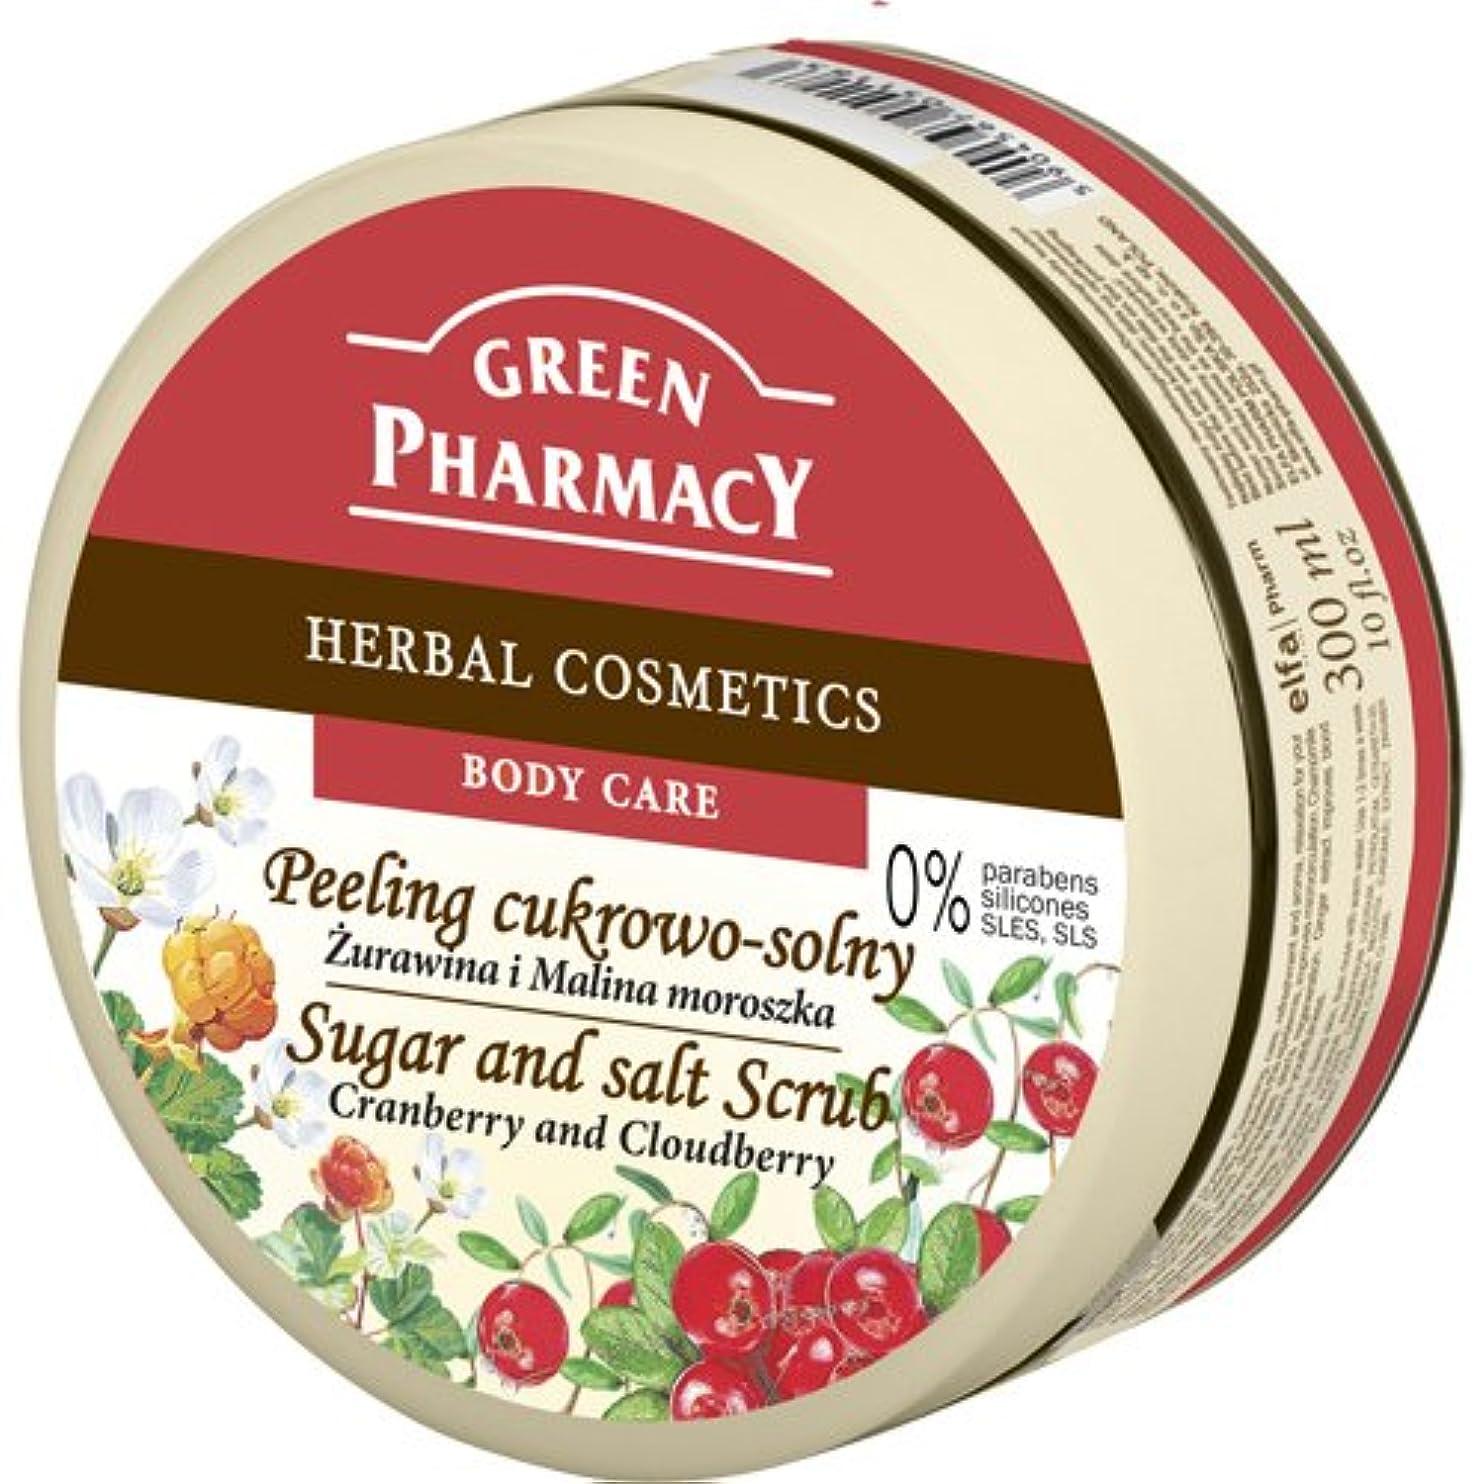 思い出させるささやき取り組むElfa Pharm Green Pharmacy シュガー&ソルトスクラブ Cranberry and Cloudberry